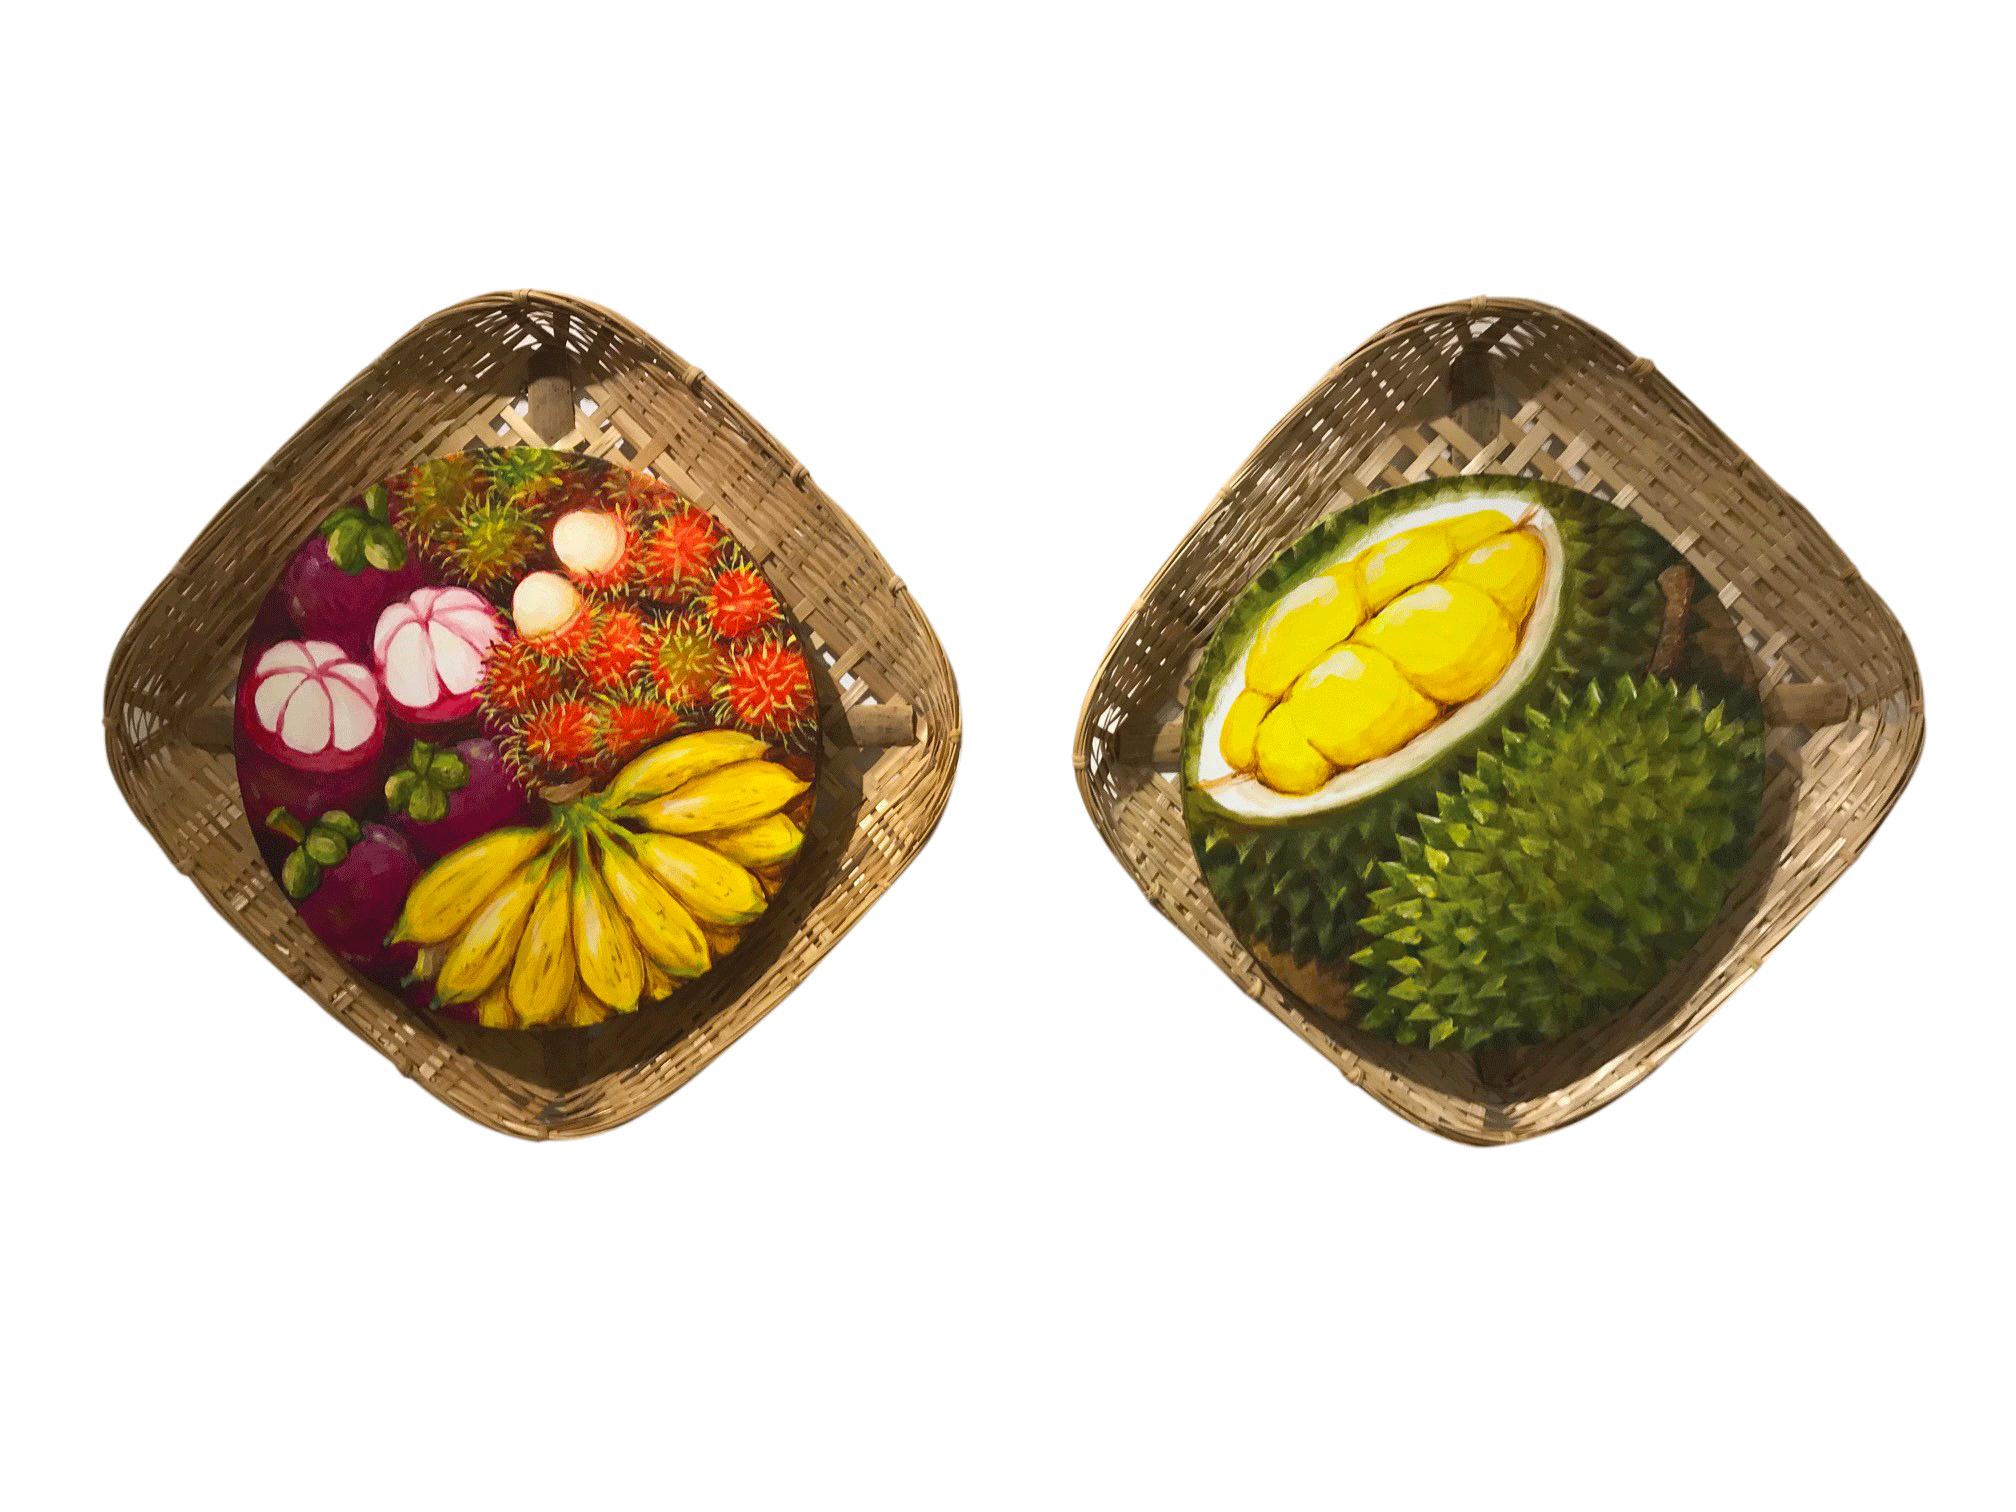 Singapore art, Durian, mangosteen, fruit art